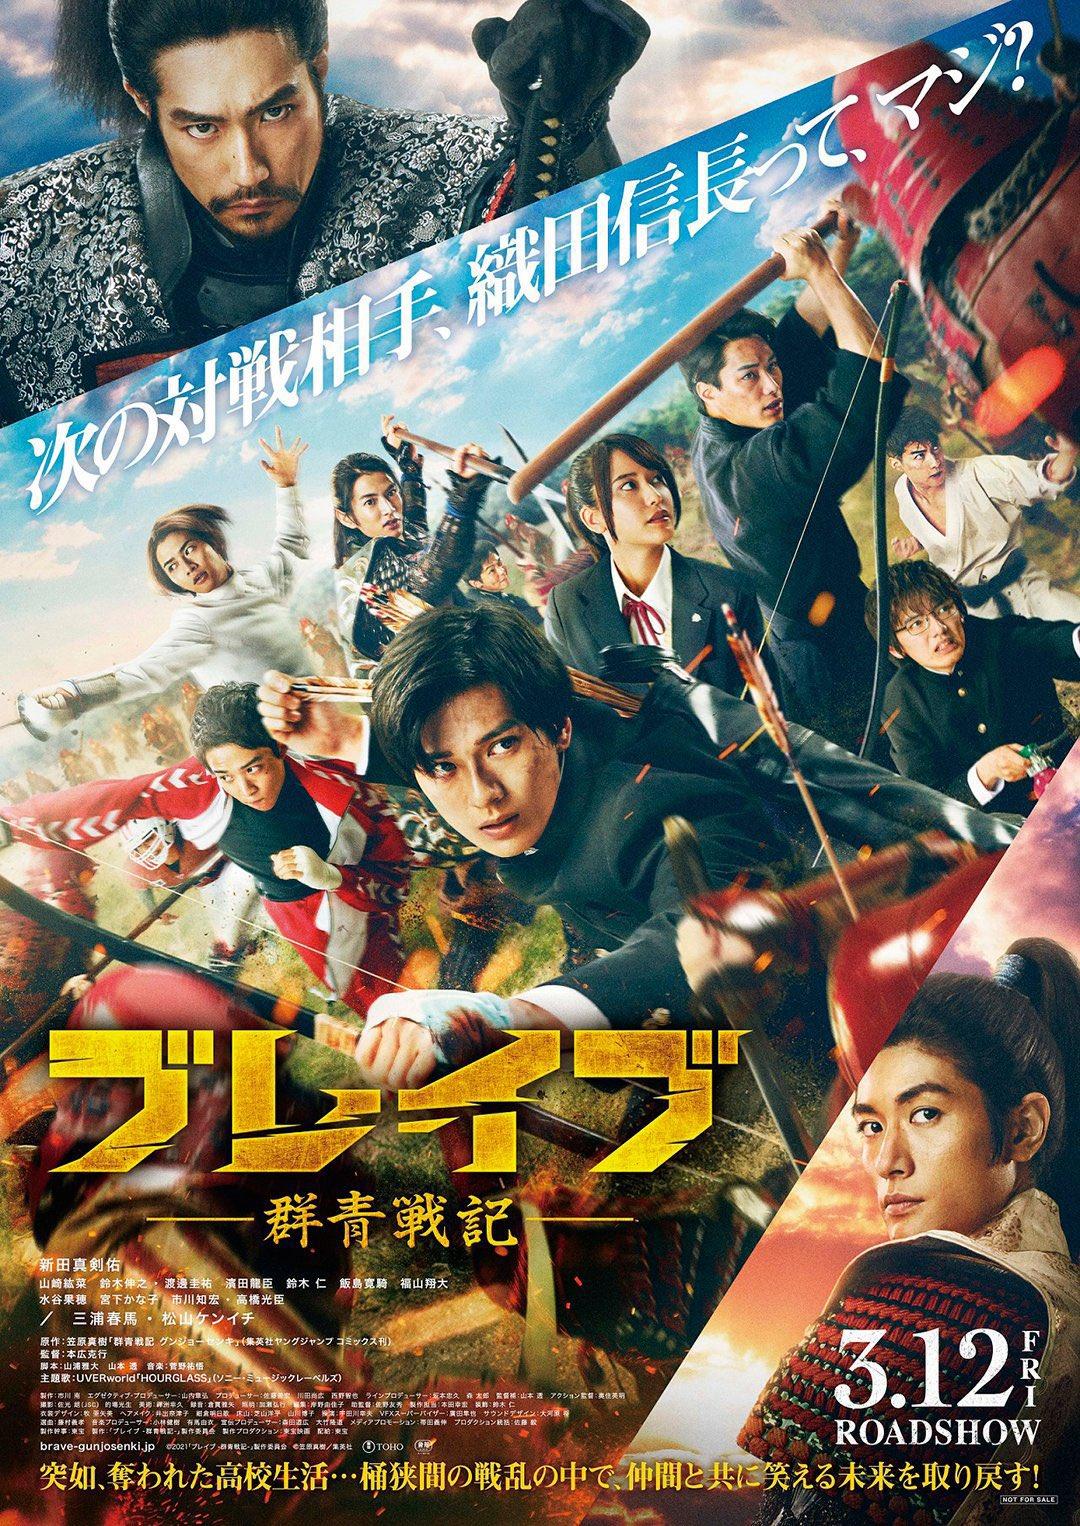 Phim Brave: Gunjyo Senki - Brave: Gunjyo Senki (2021)